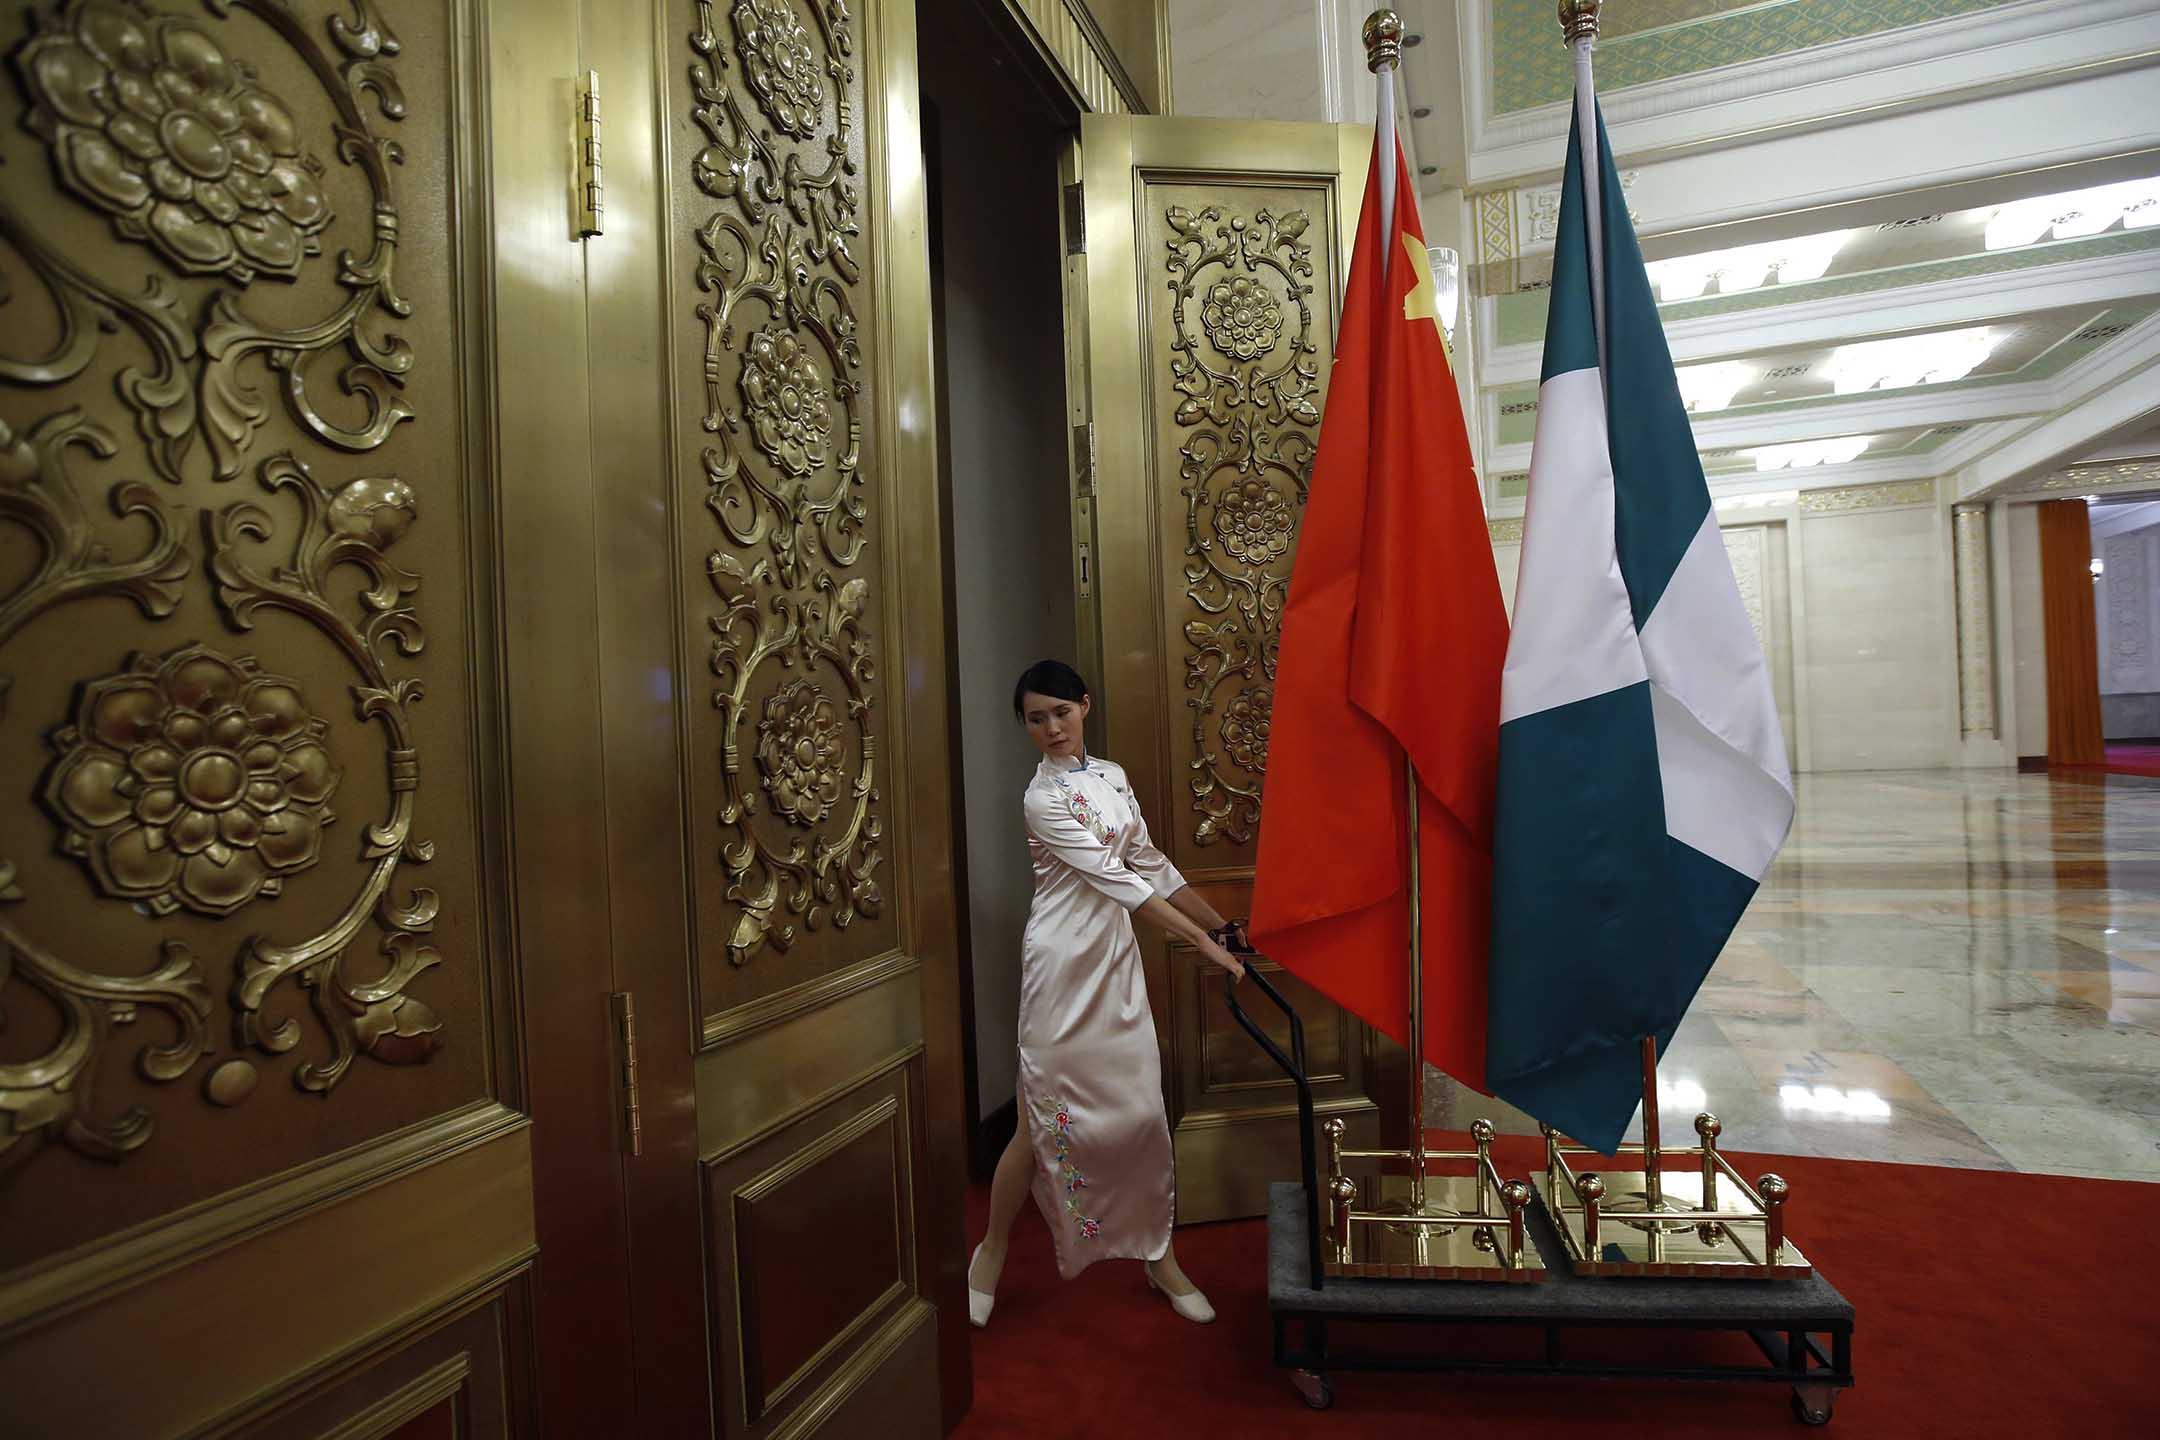 2013年7月10日北京人民大會堂,一名工作人員推著中國和尼日利亞國旗。